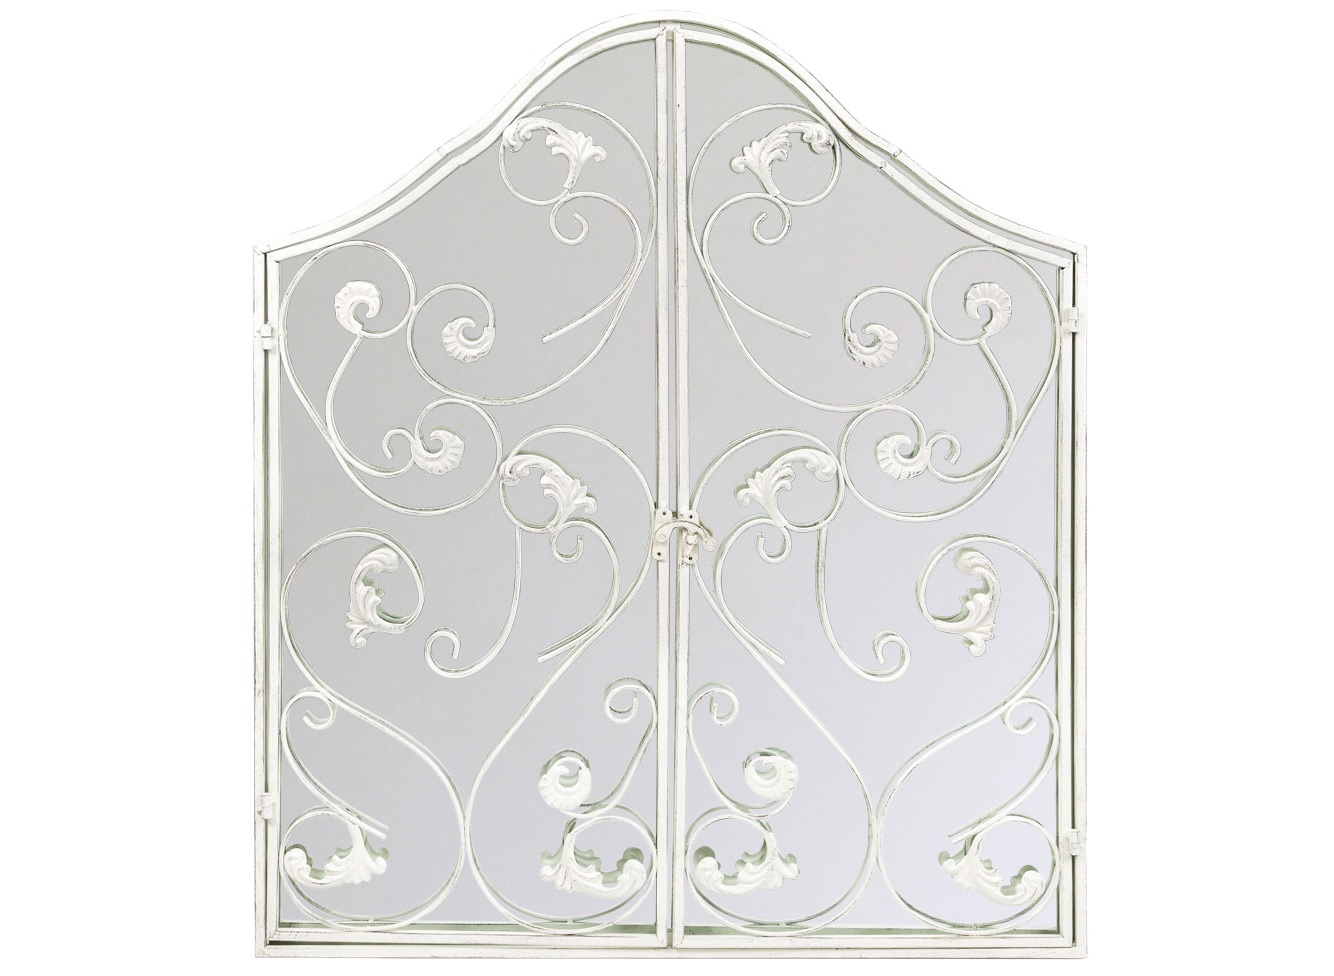 Настенное зеркало МонтанерНастенные зеркала<br>Зеркало &amp;quot;Монтанер&amp;quot;, подражающее воротам старинного замка, открывает Вашему интерьеру волну света и простора, романтики и классического европейского стиля, достойного изнеженных салонов &amp;quot;ар-деко&amp;quot;, престижных интерьеров &amp;quot;ампира&amp;quot; и &amp;quot;рококо&amp;quot;. Рама легко открывается с помощью обычного оконного засова. Узоры объемной рамы дорисовывают отраженные предметы, режиссируя сценарий поистине сказочного зазеркалья.<br><br>Material: Металл<br>Ширина см: 91.0<br>Высота см: 94.0<br>Глубина см: 8.0